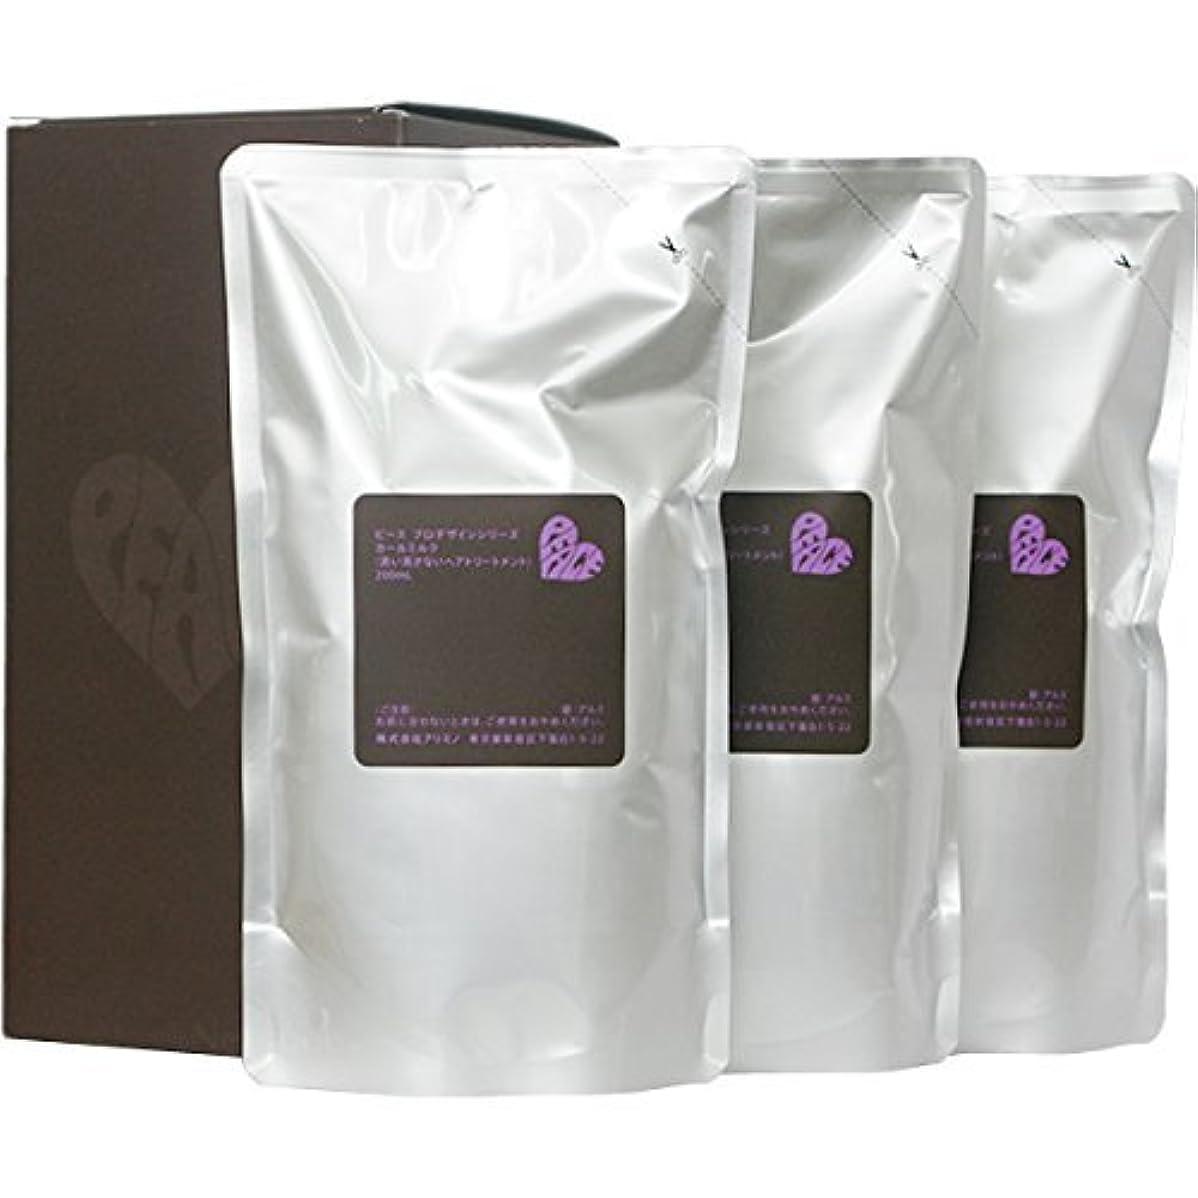 やさしい台風魔術ピース プロデザインシリーズ カールミルク チョコ リフィル 200ml×3